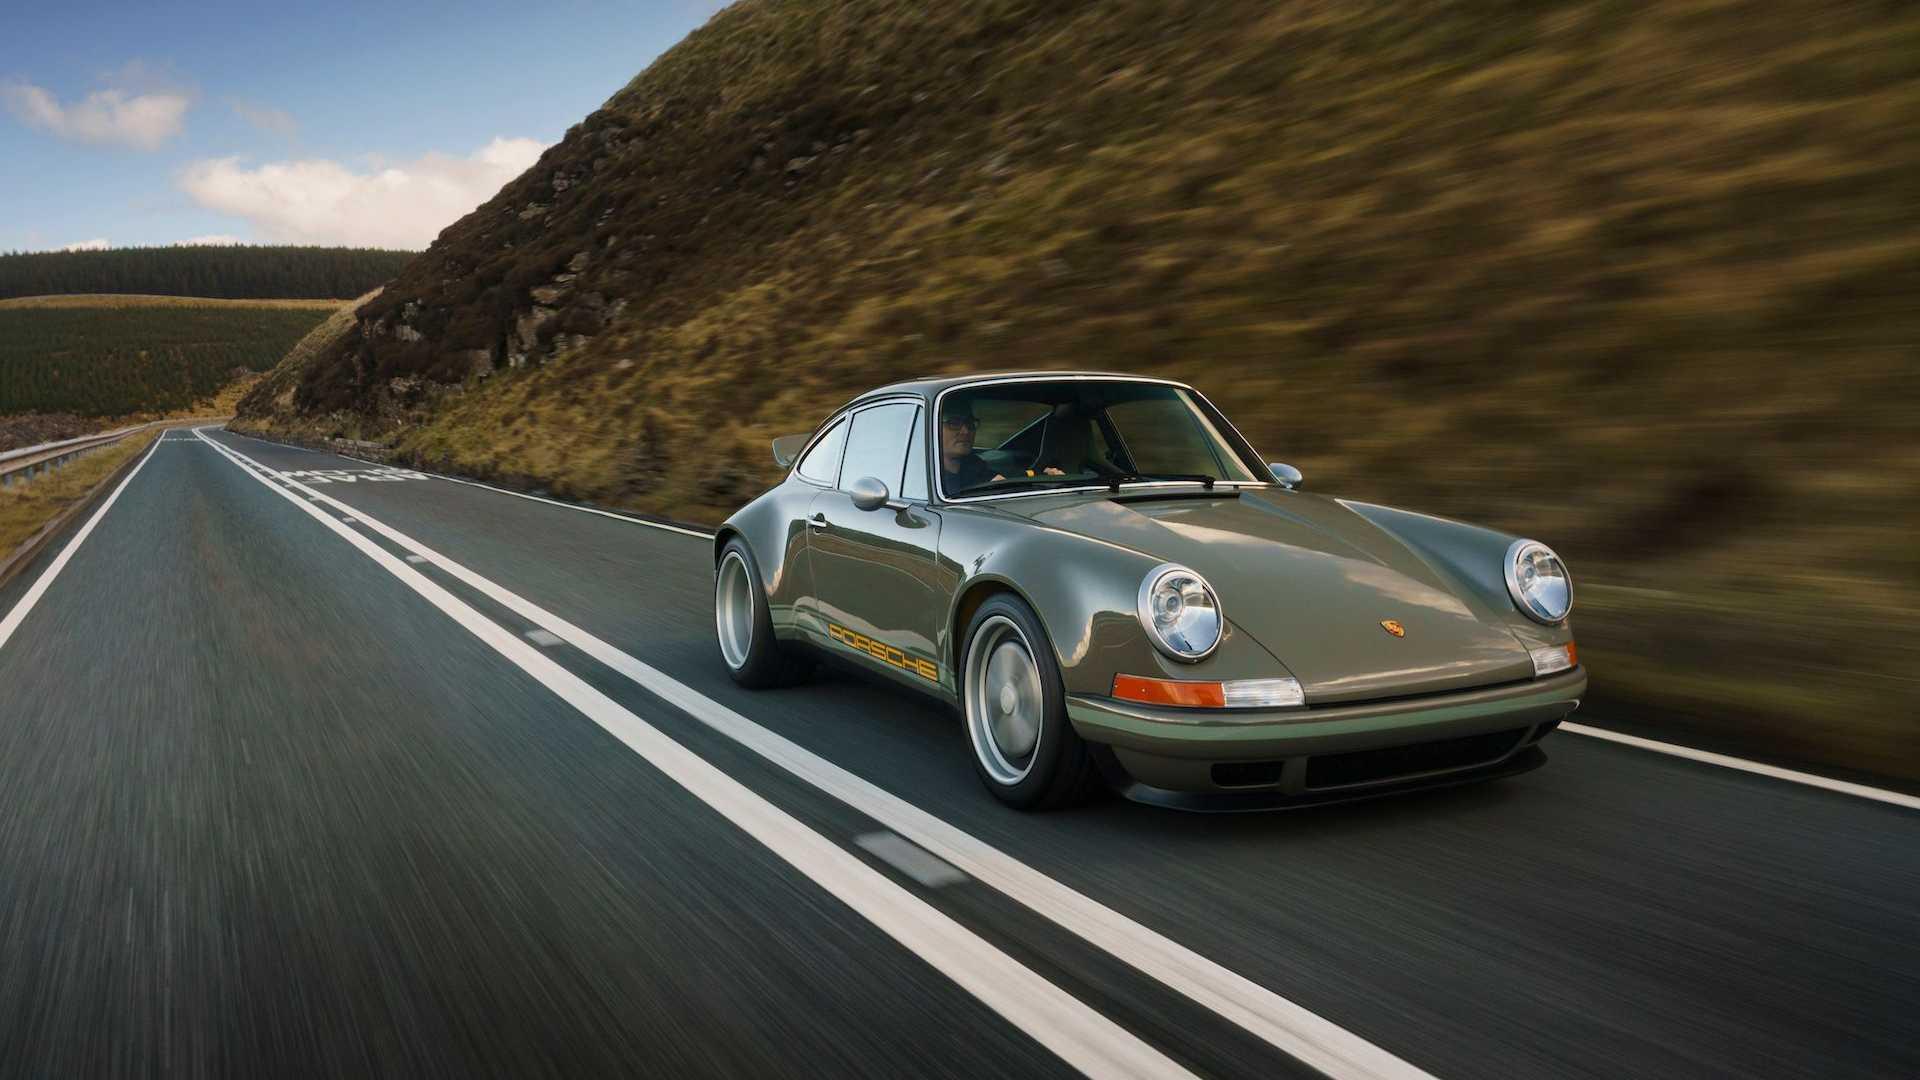 Theon-Design-HK002-Porsche-911-49